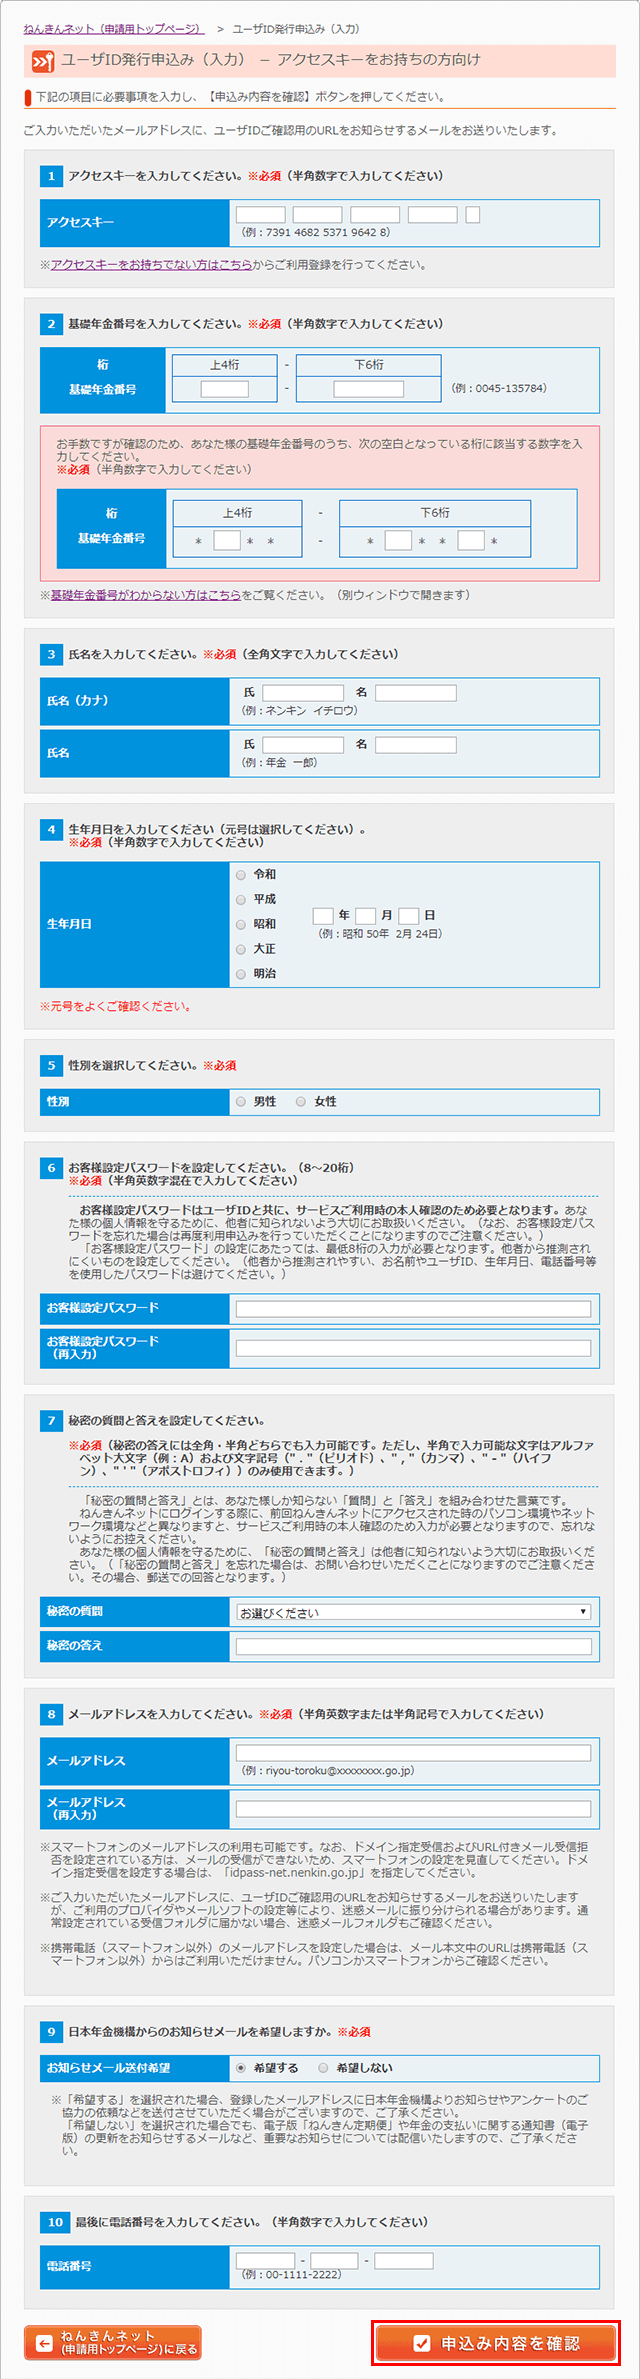 ユーザID発行申込み